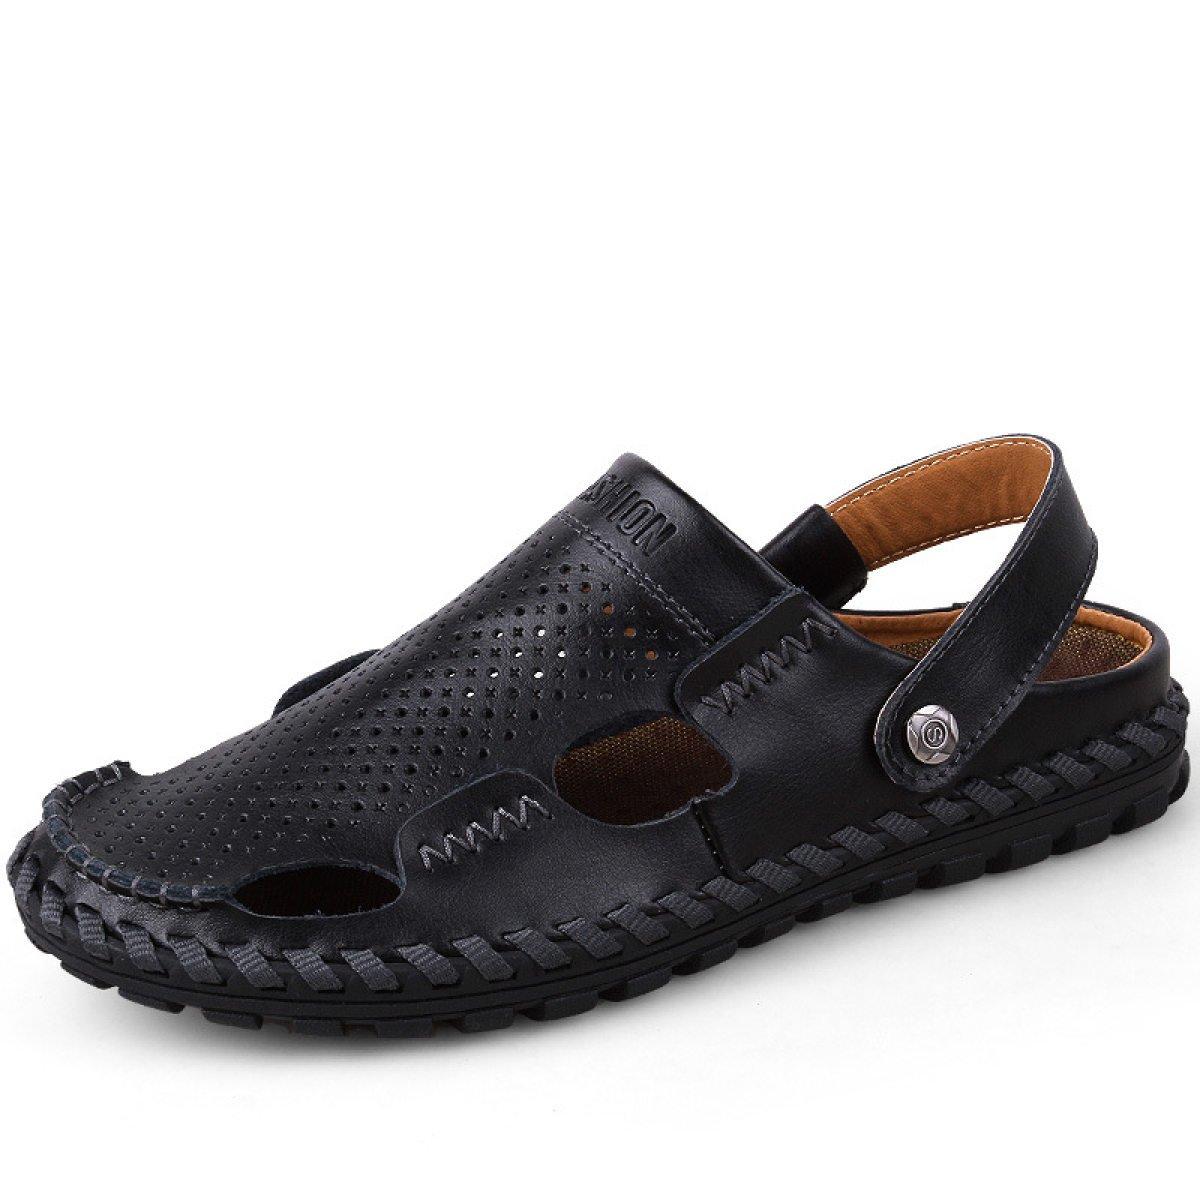 LXXAMens Verano Playa De Secado Rápido Zapatos Al Aire Libre Cuero Real Zapatos De Trekking,Black-40EU 40EU|Black